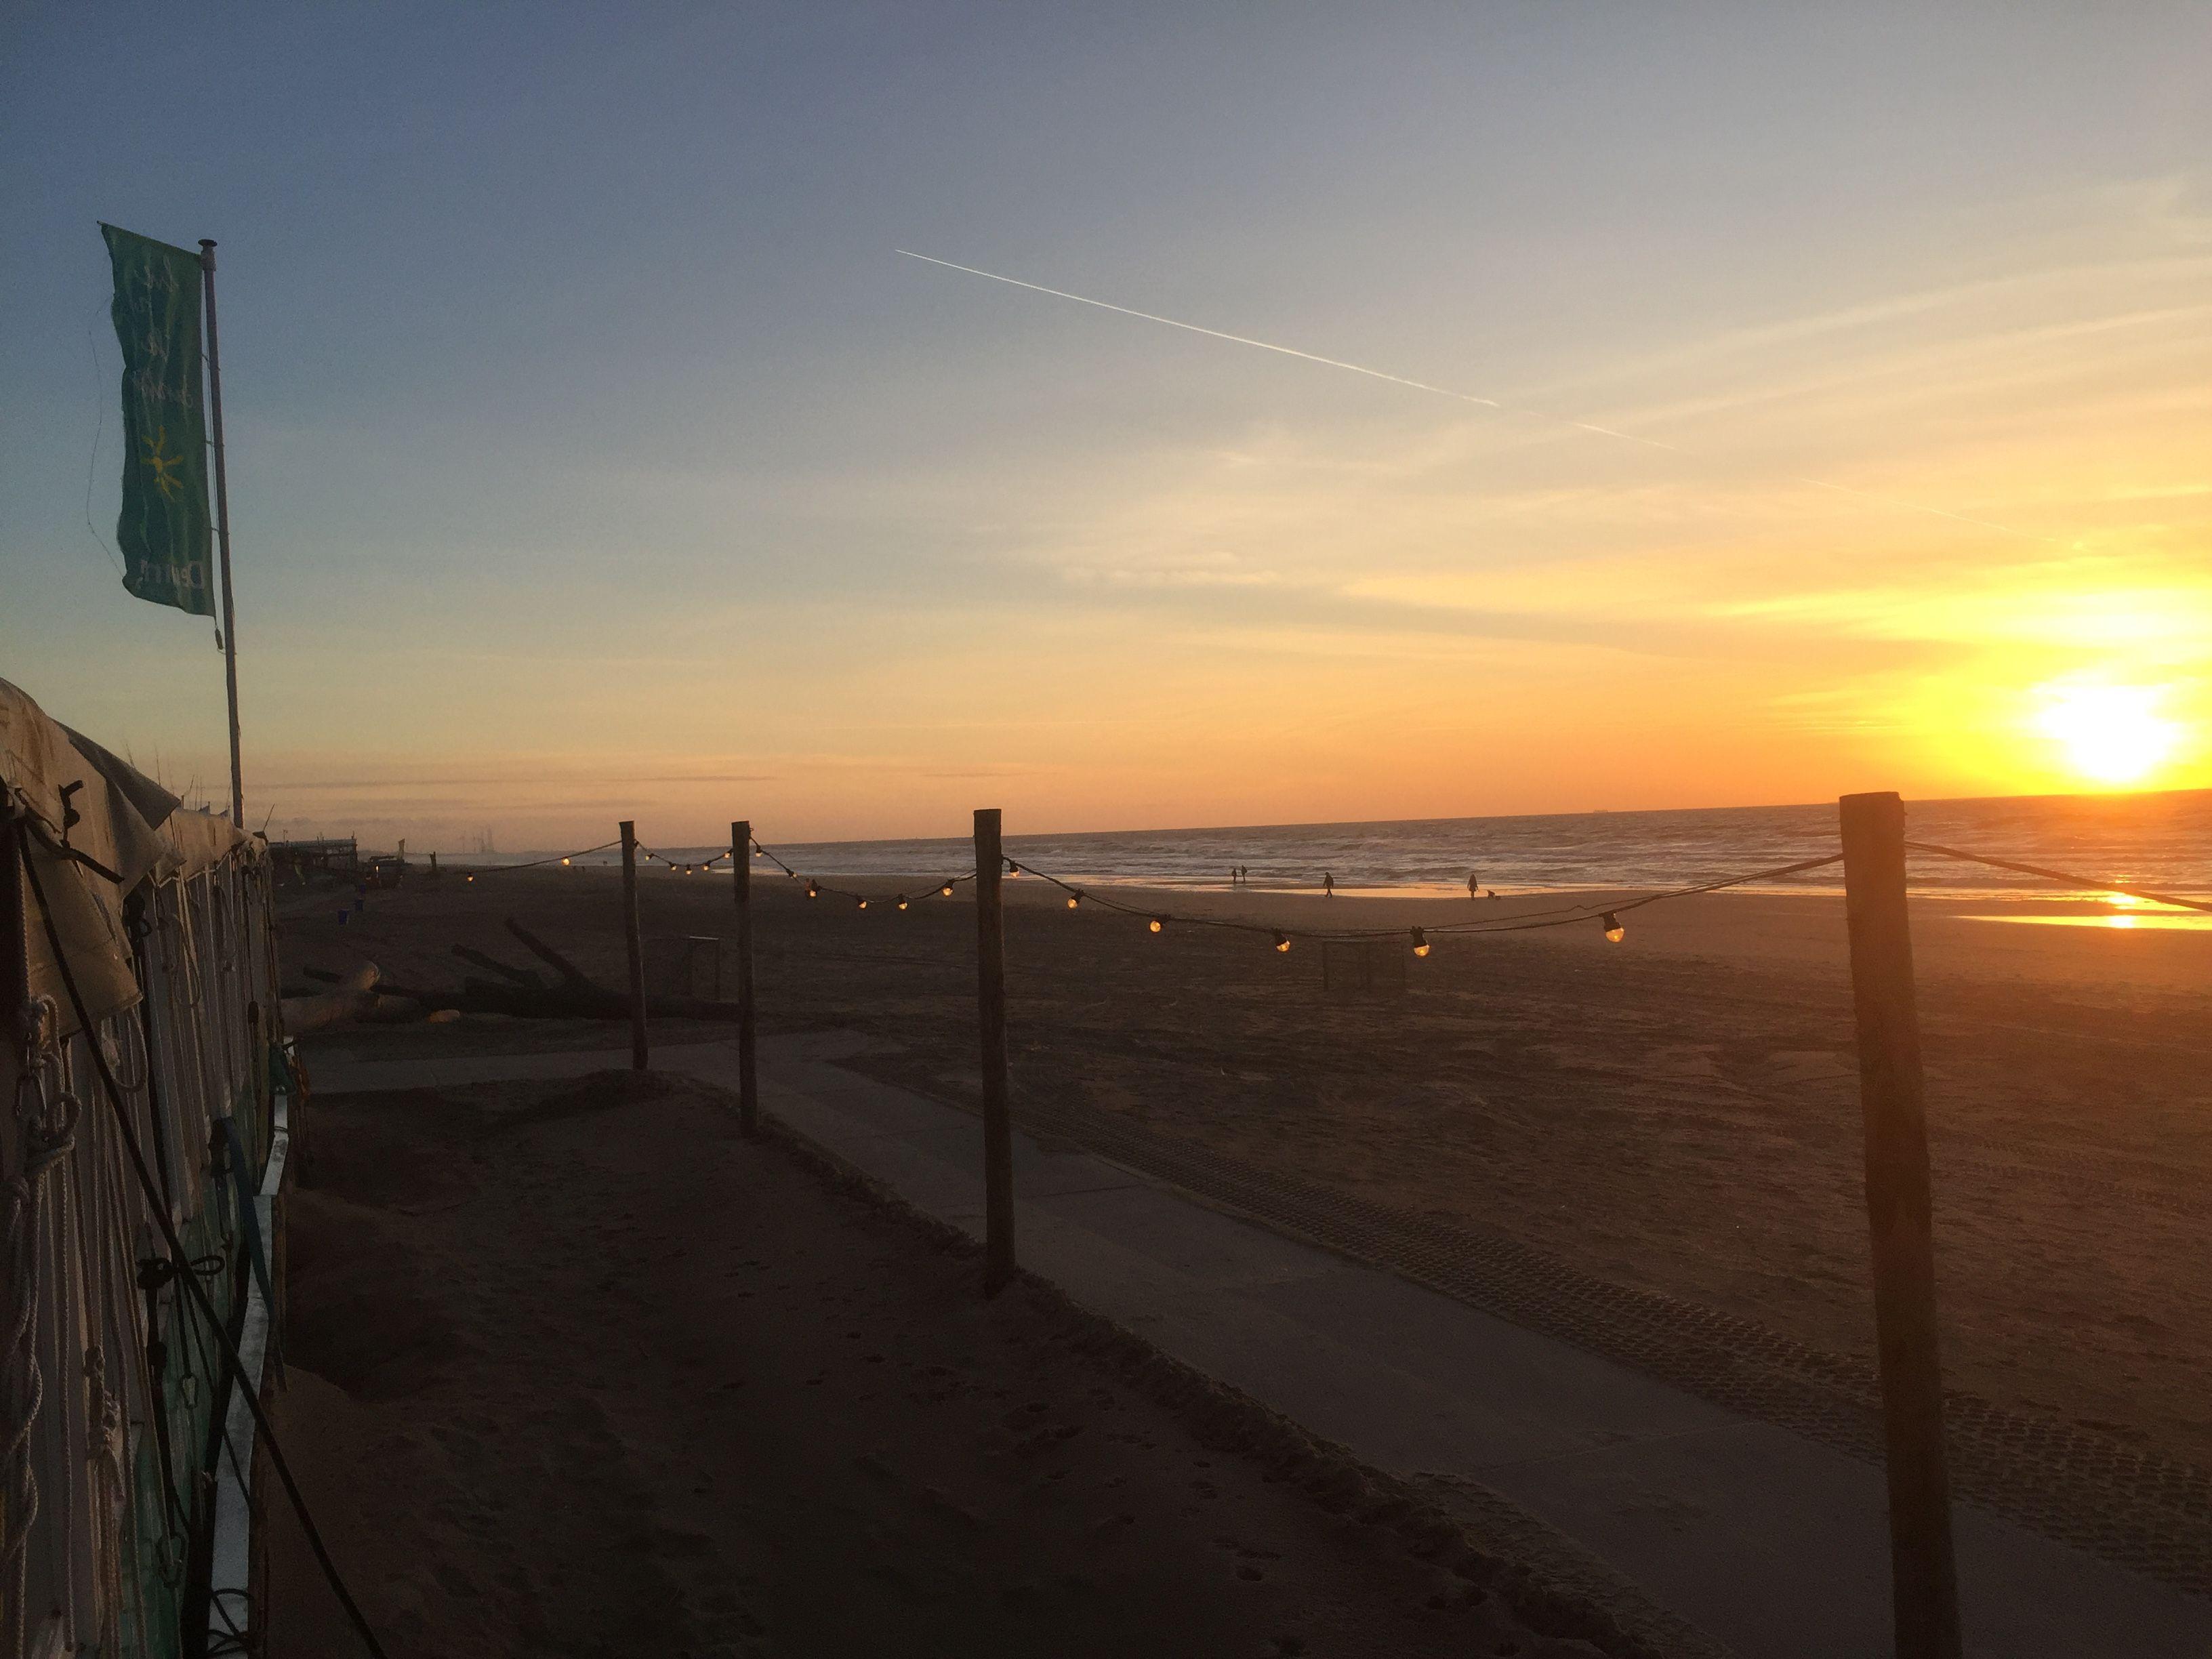 Kleurplaten Zonsondergang.Zonsondergang Aan Het Strand Van Castricum Fijne Avond En Tot